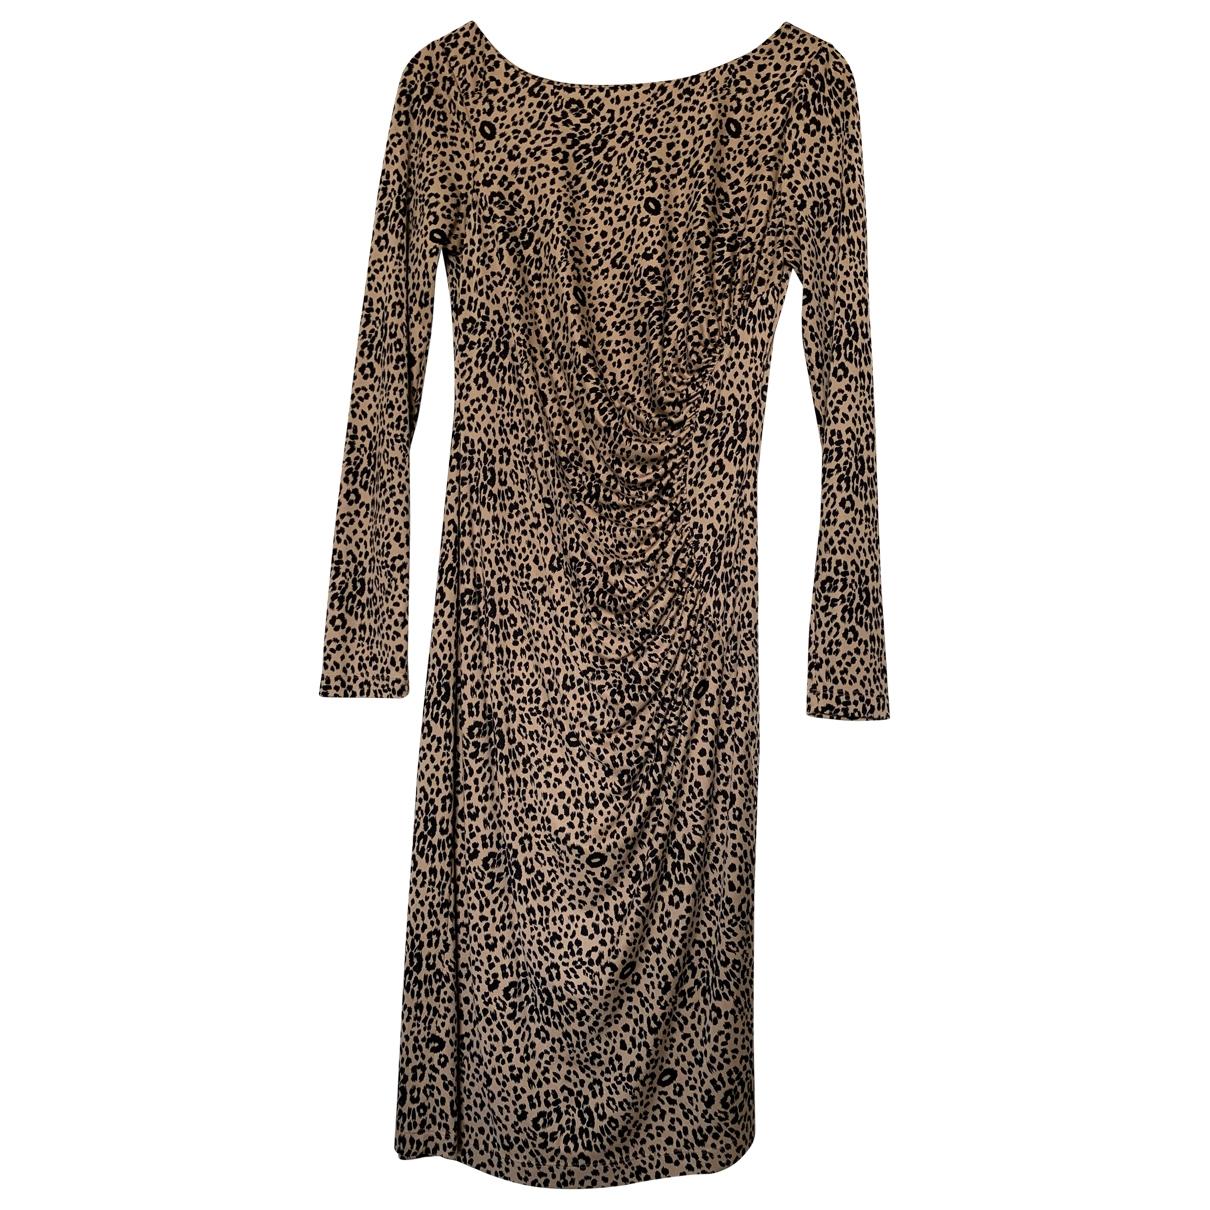 Lk Bennett - Robe   pour femme en soie - camel